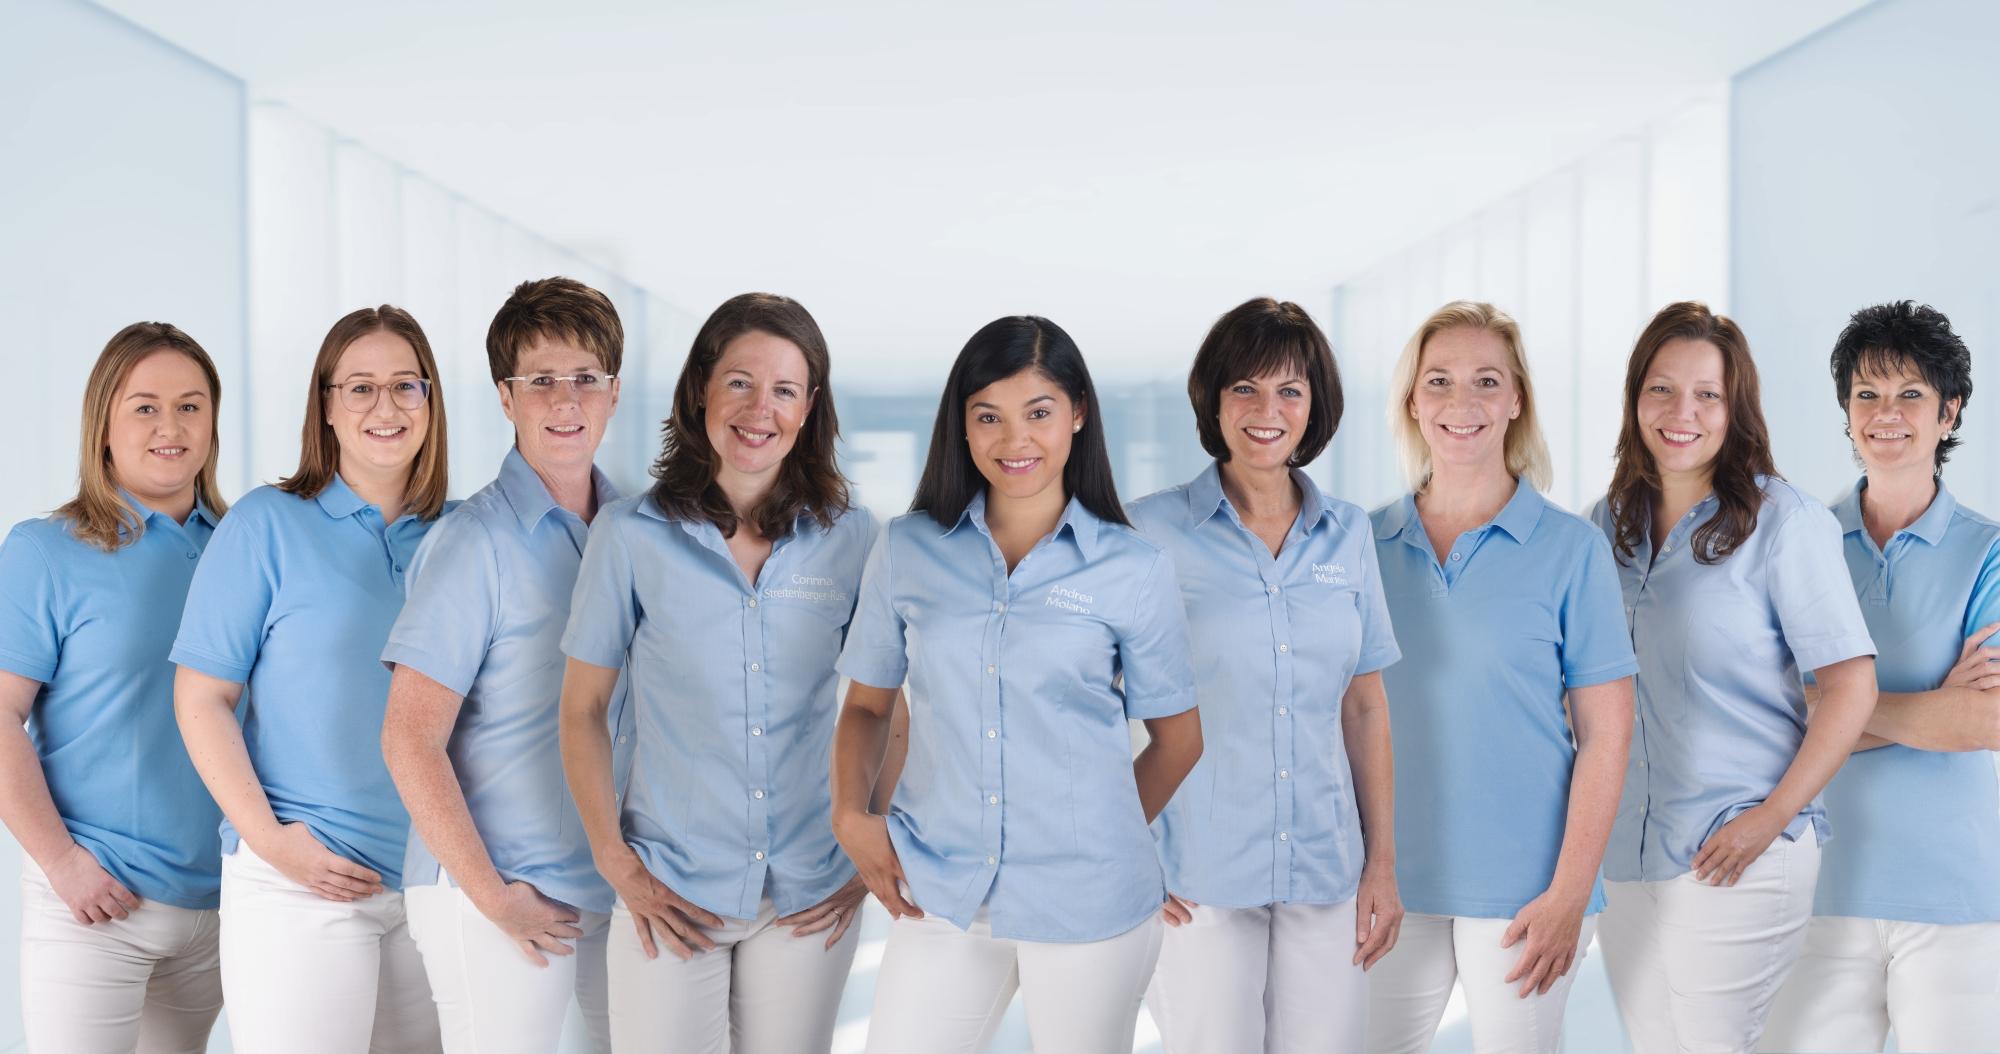 Das gründliche Team der Zahnreinigung in Neu-Anspach / Usingen und Umgebung